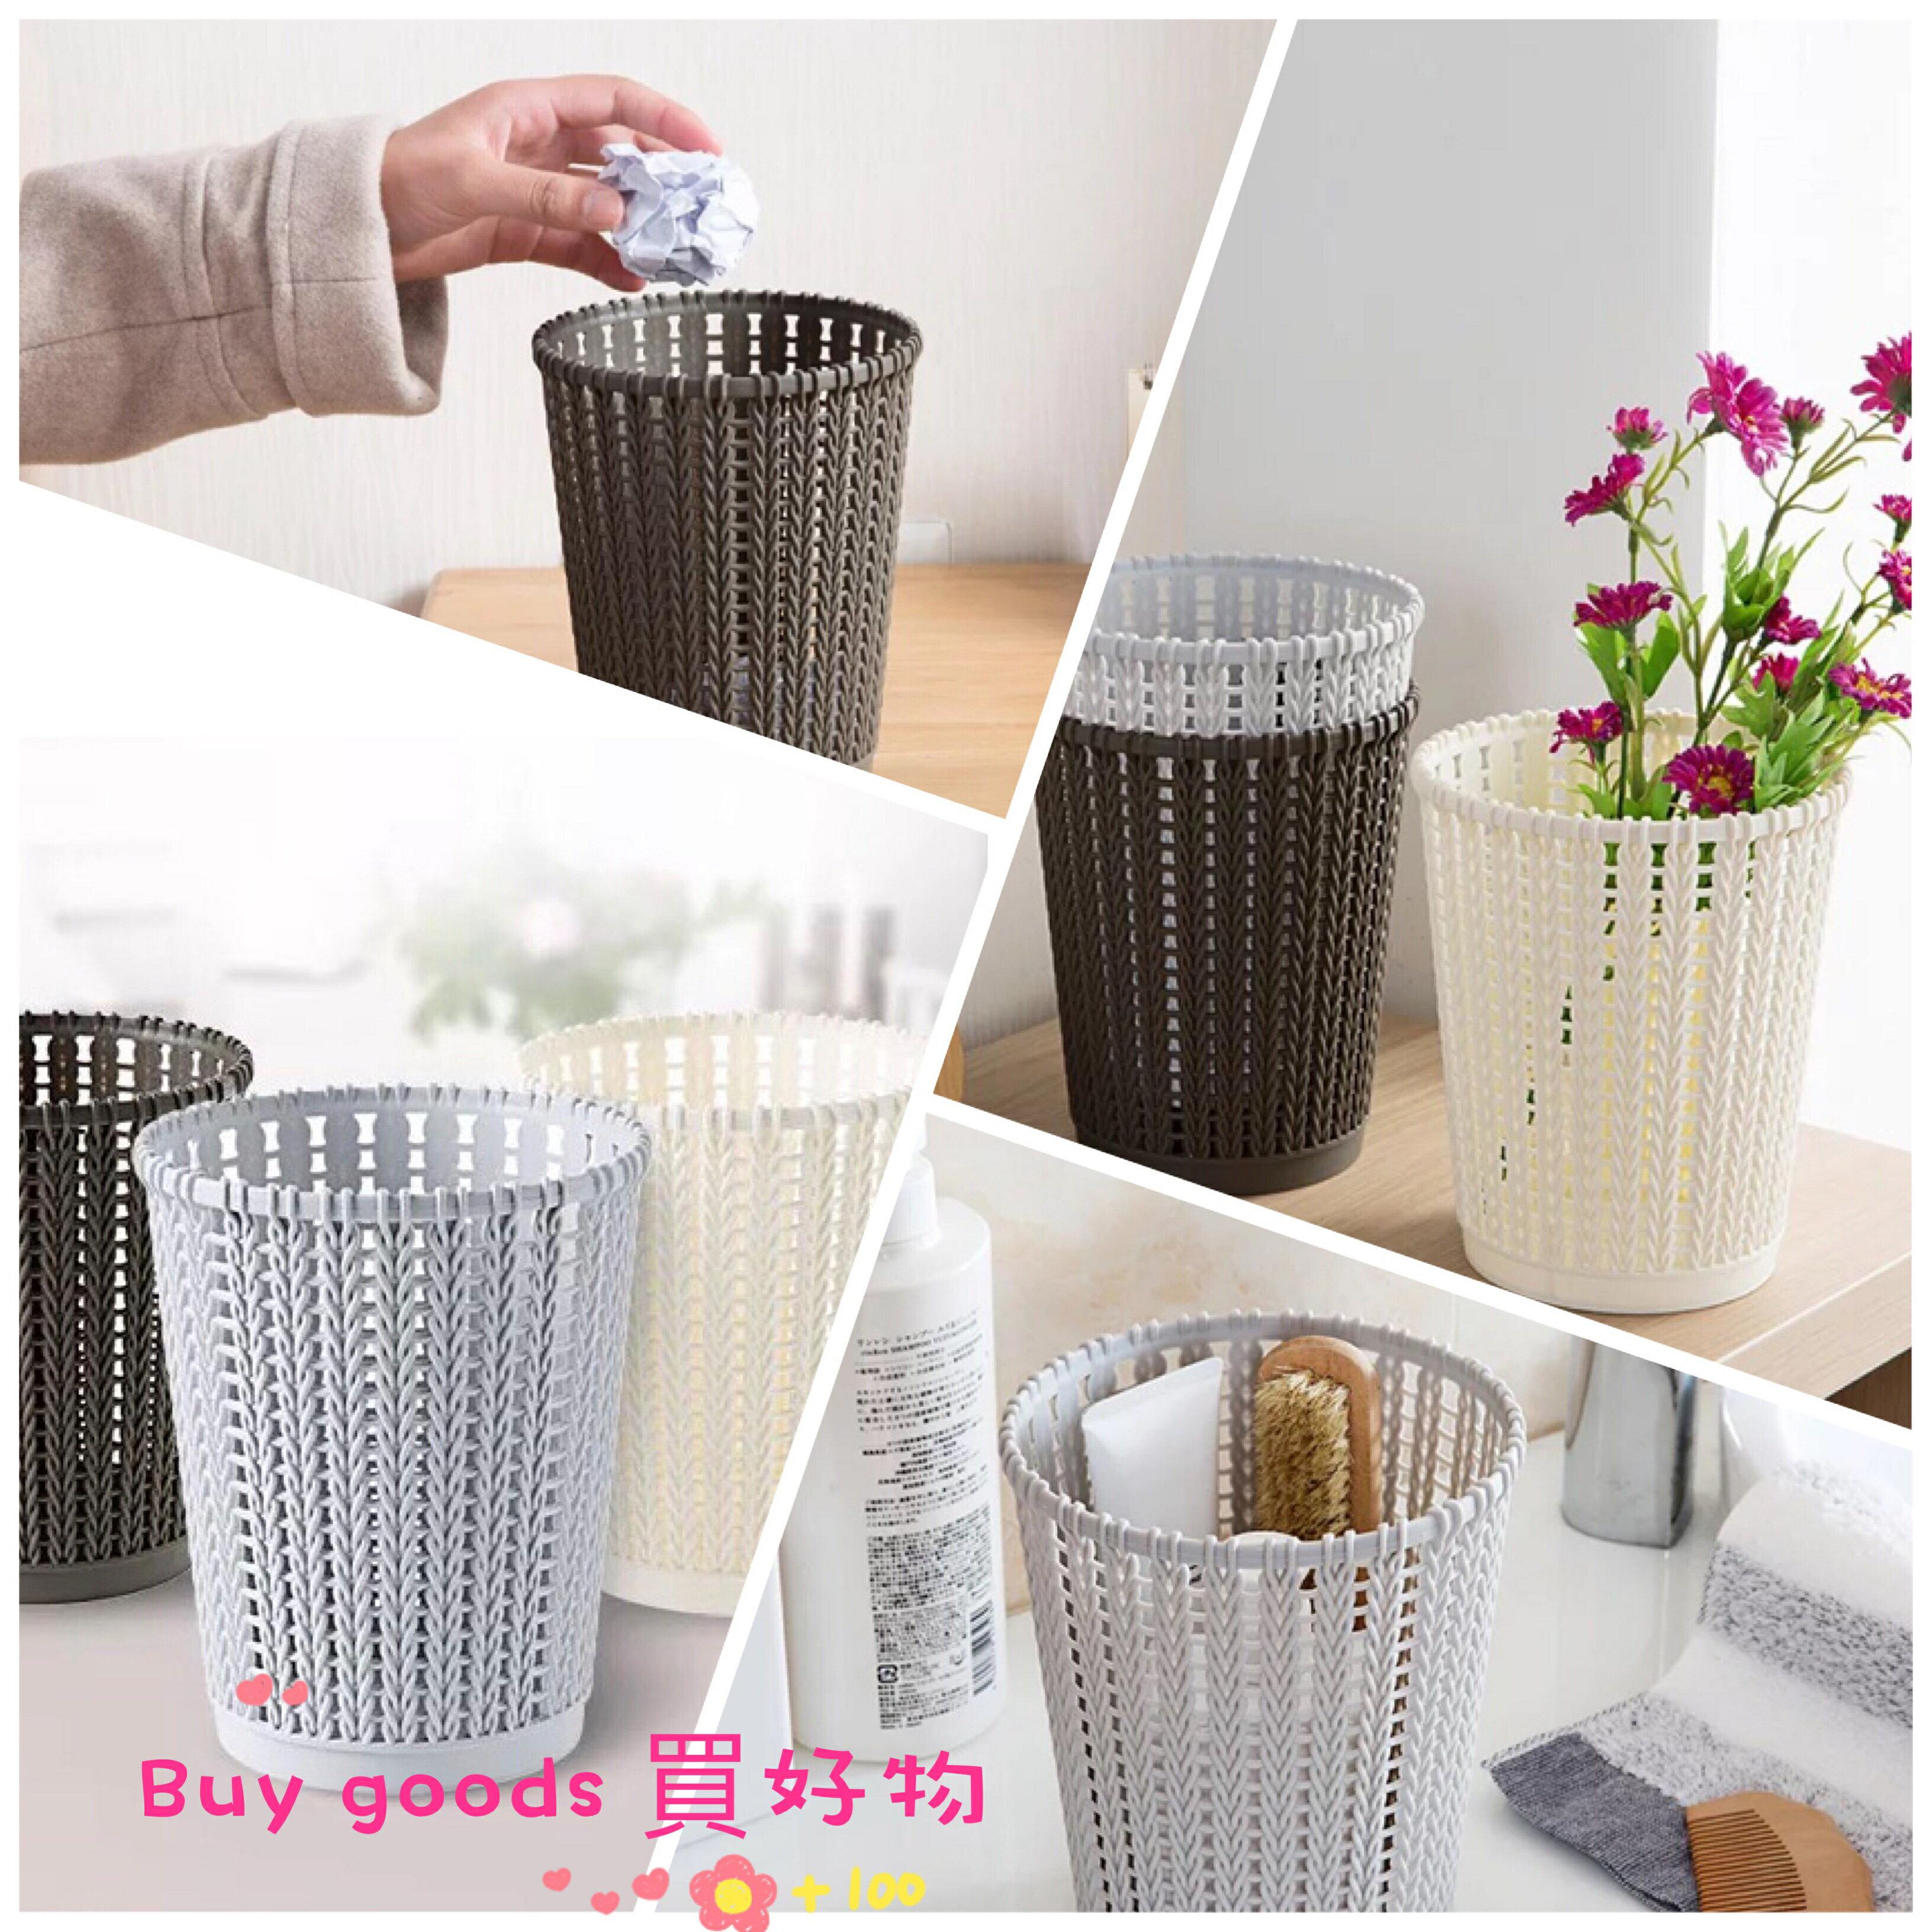 仿藤編垃圾桶/家用廚房客廳房間垃圾桶/辦公室雜物桶/雜物桶